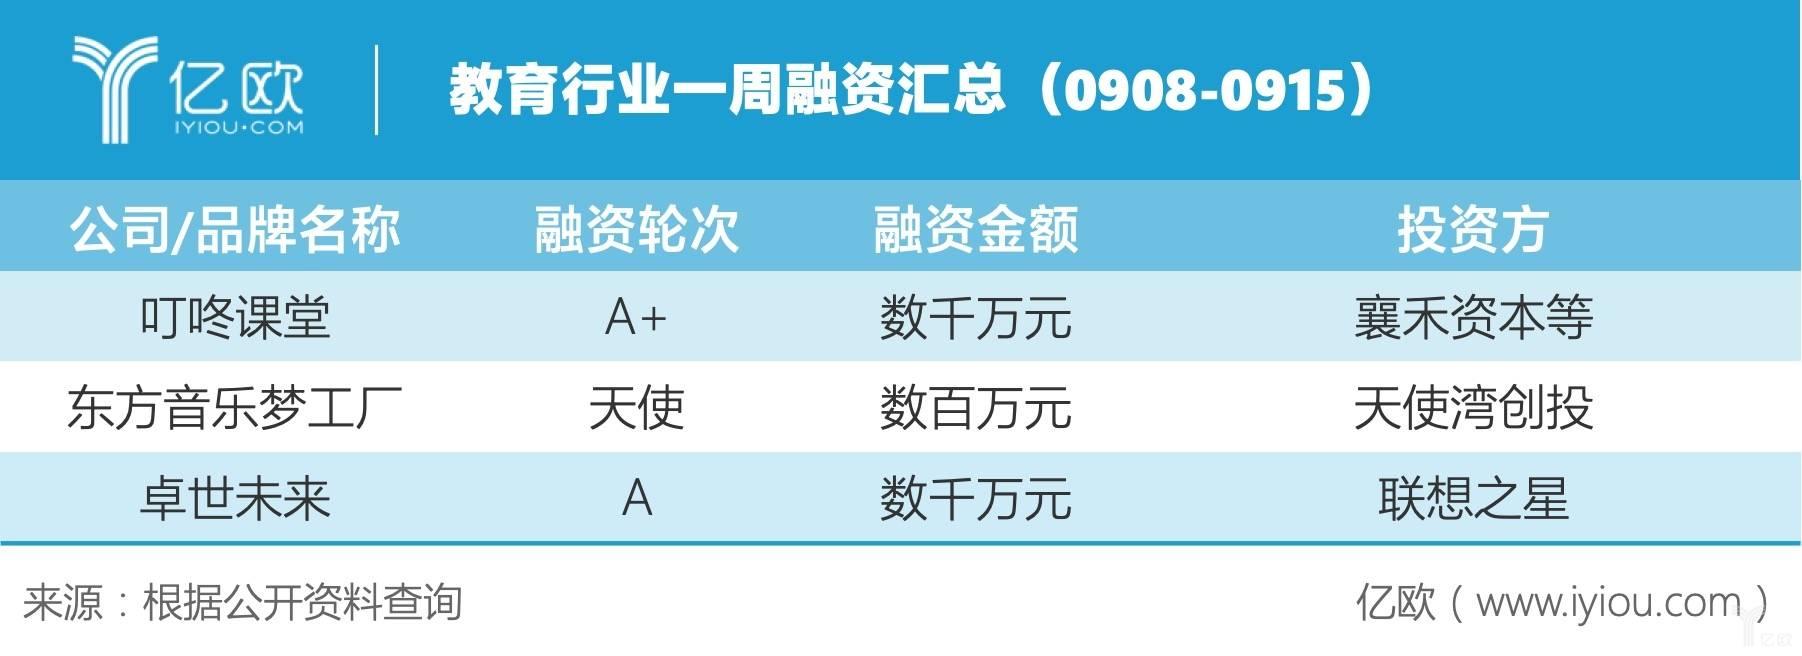 教育行业一周融资汇总(0908-0915)